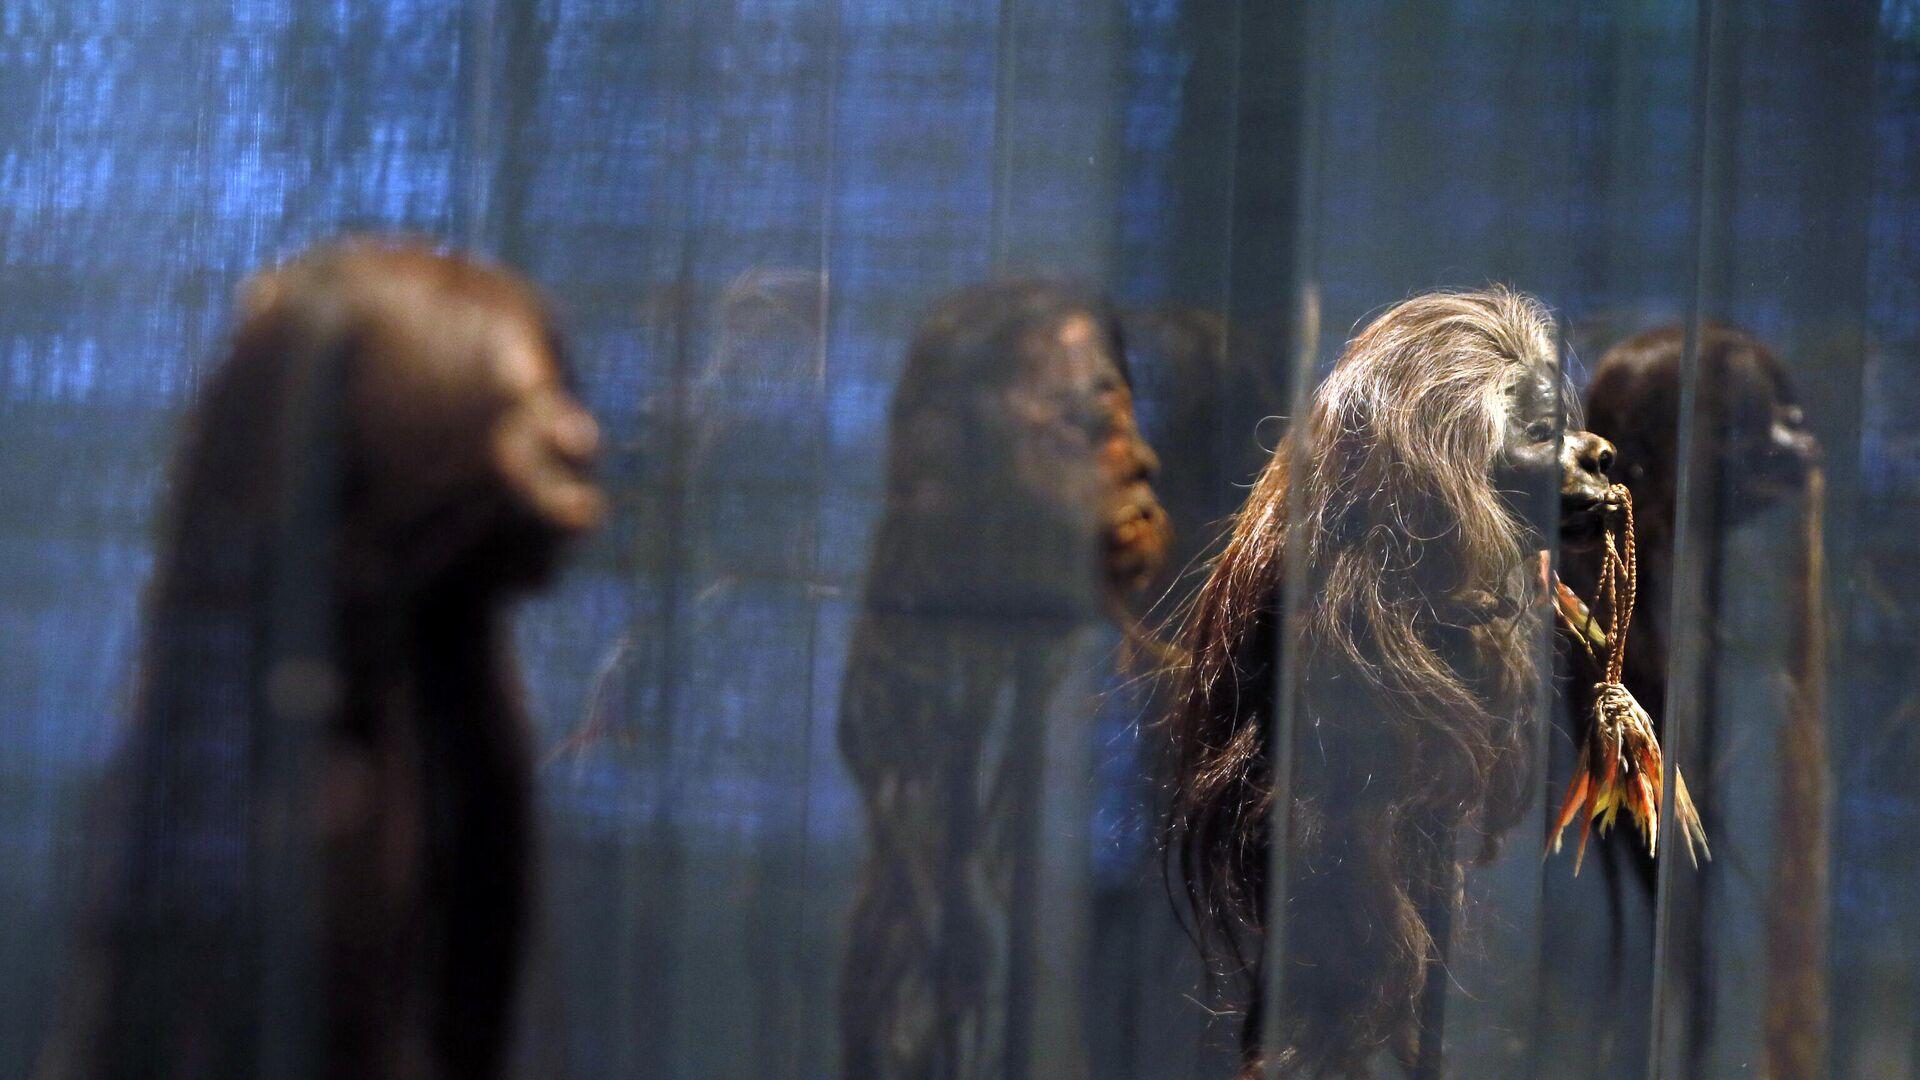 Unas tzantzas en exposición en un museo París, Francia - Sputnik Mundo, 1920, 11.05.2021